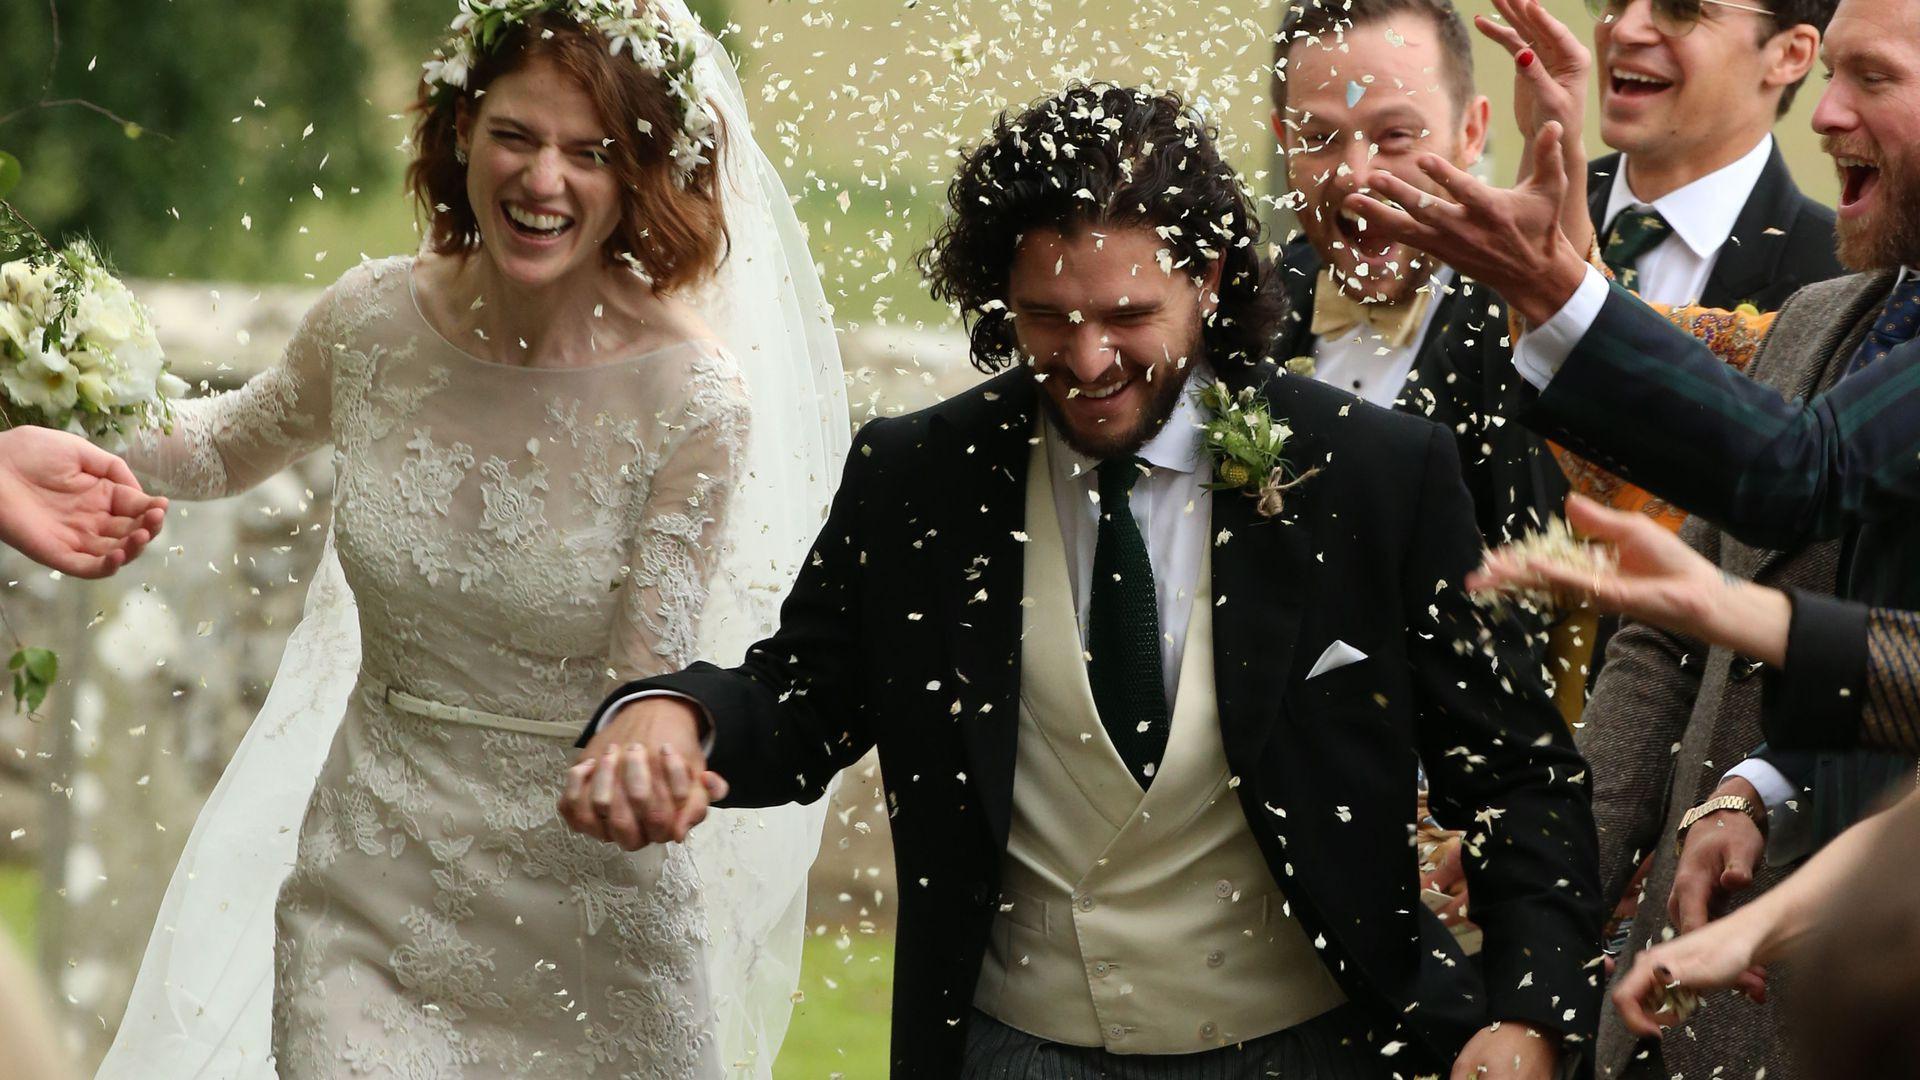 Hochzeit Kit Harington  Sie haben Ja gesagt GoT Kit Harington hat Rose geheiratet